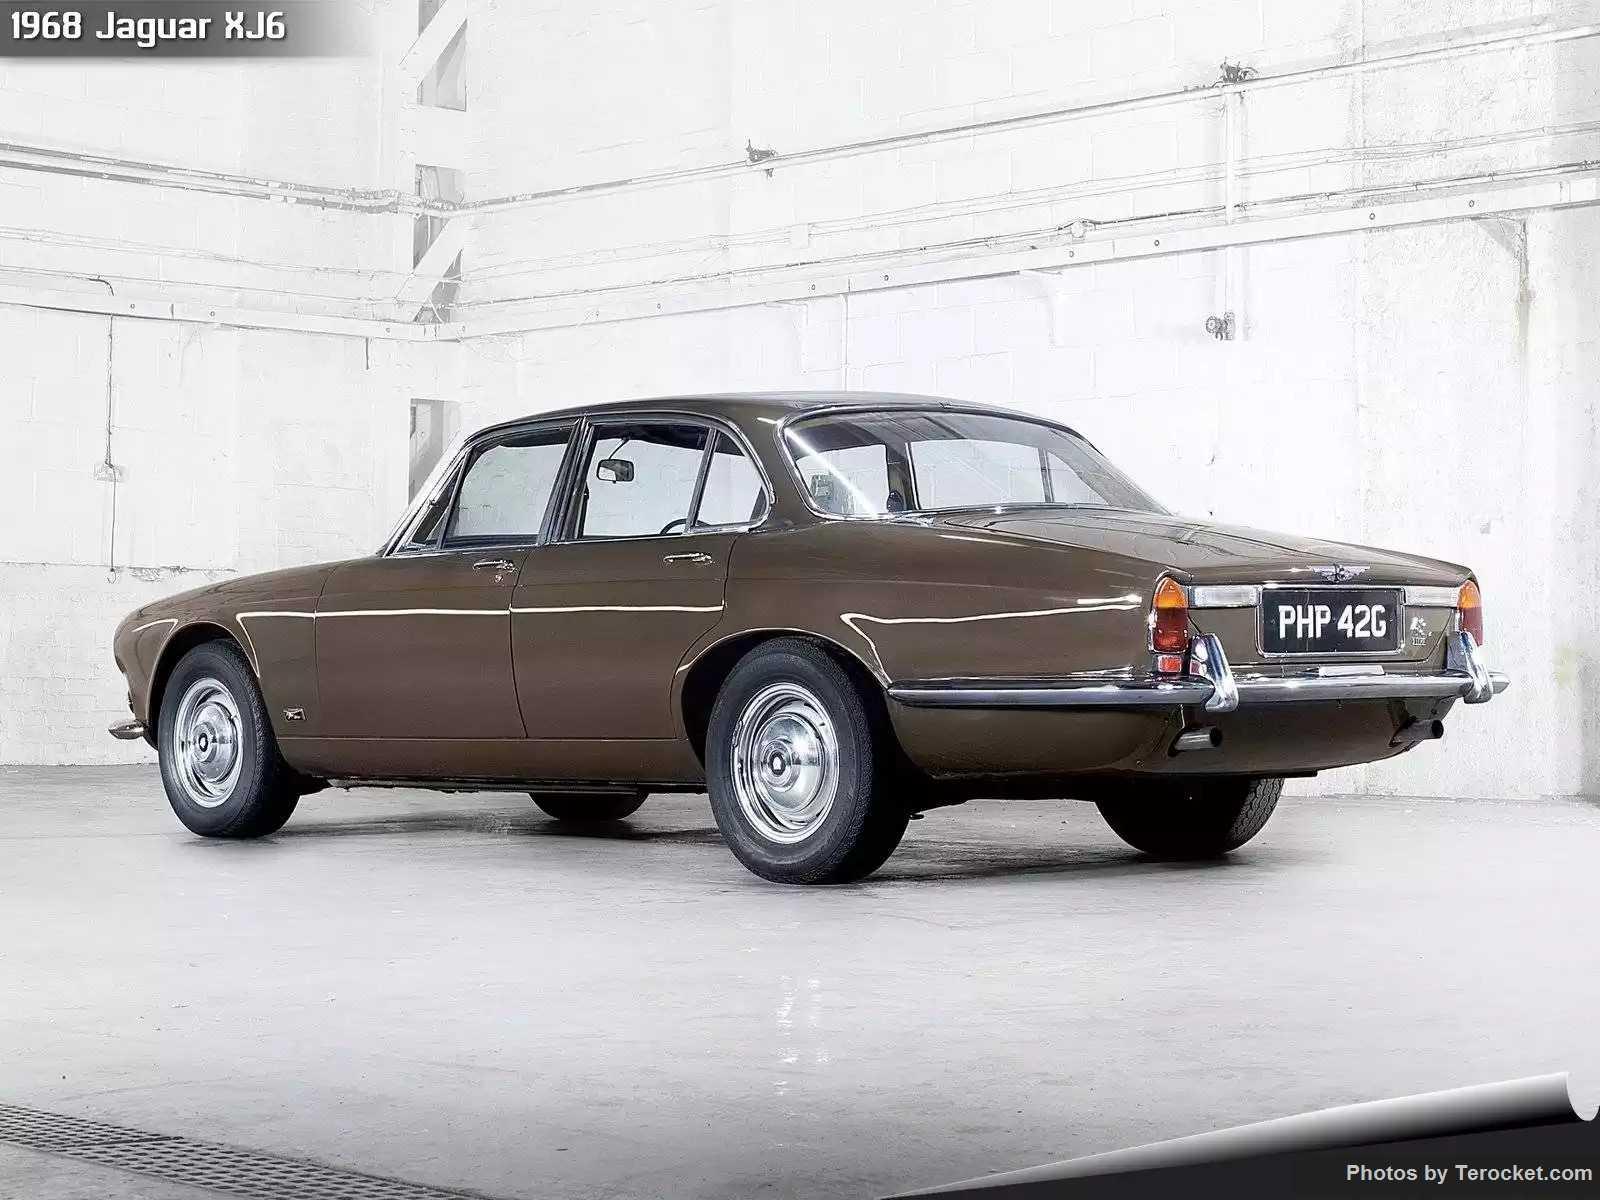 Hình ảnh xe ô tô Jaguar XJ6 1968 & nội ngoại thất